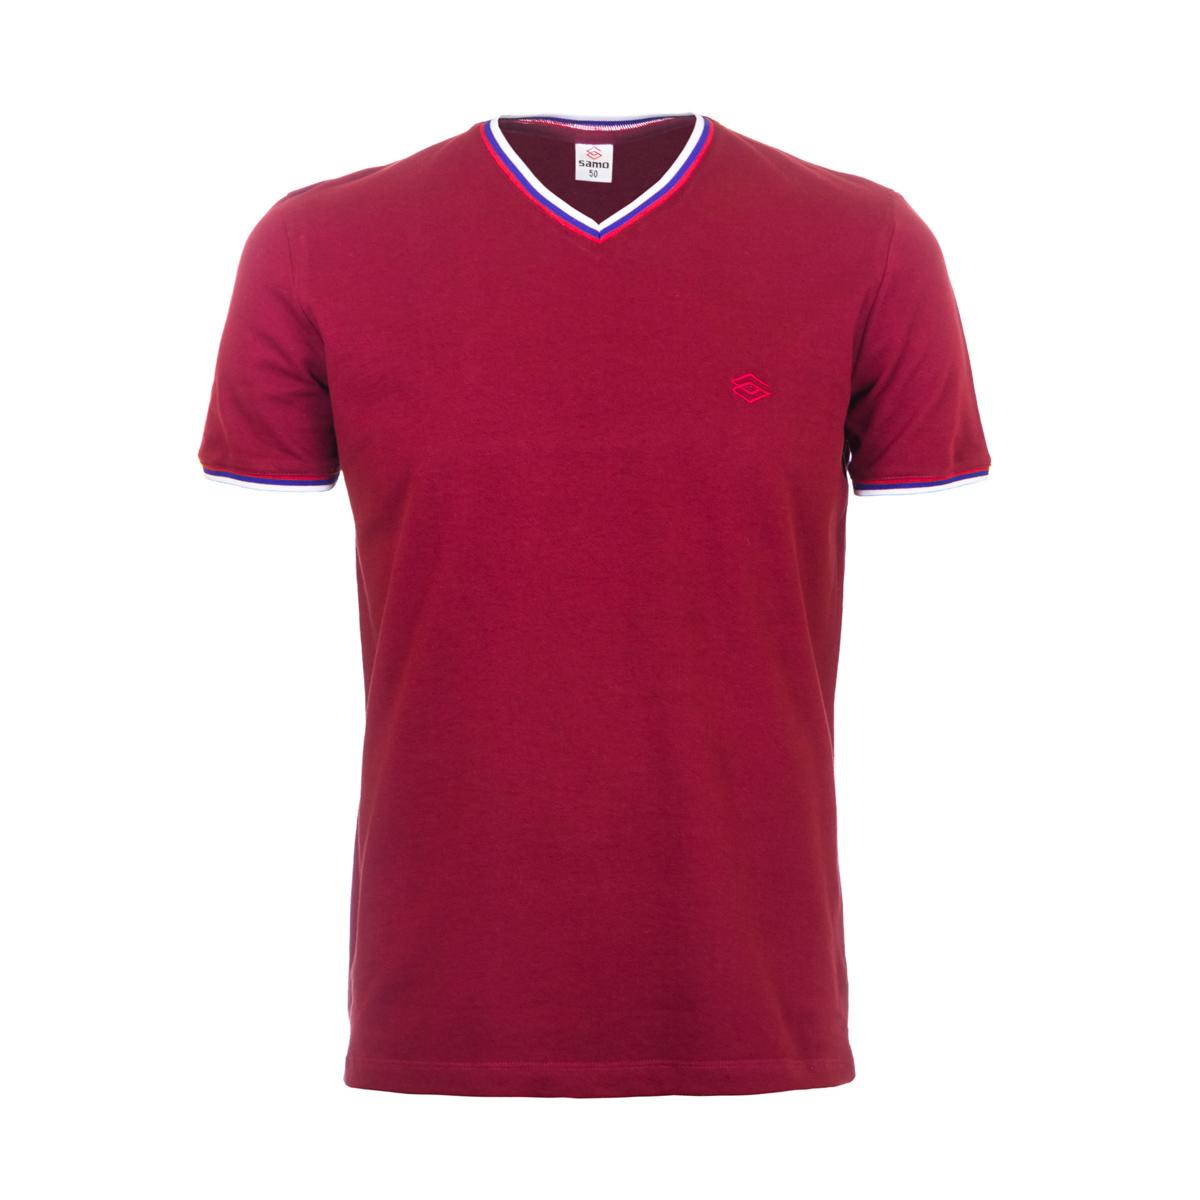 Муж. футболка арт. 04-0059 Красный р. 48Майки и футболки<br>Фактический ОГ:102 см<br>Фактический ОТ:100 см<br>Фактический ОБ:100 см<br>Длина по спинке:69 см<br>Рост:178-188 см<br><br>Тип: Муж. футболка<br>Размер: 48<br>Материал: Пике